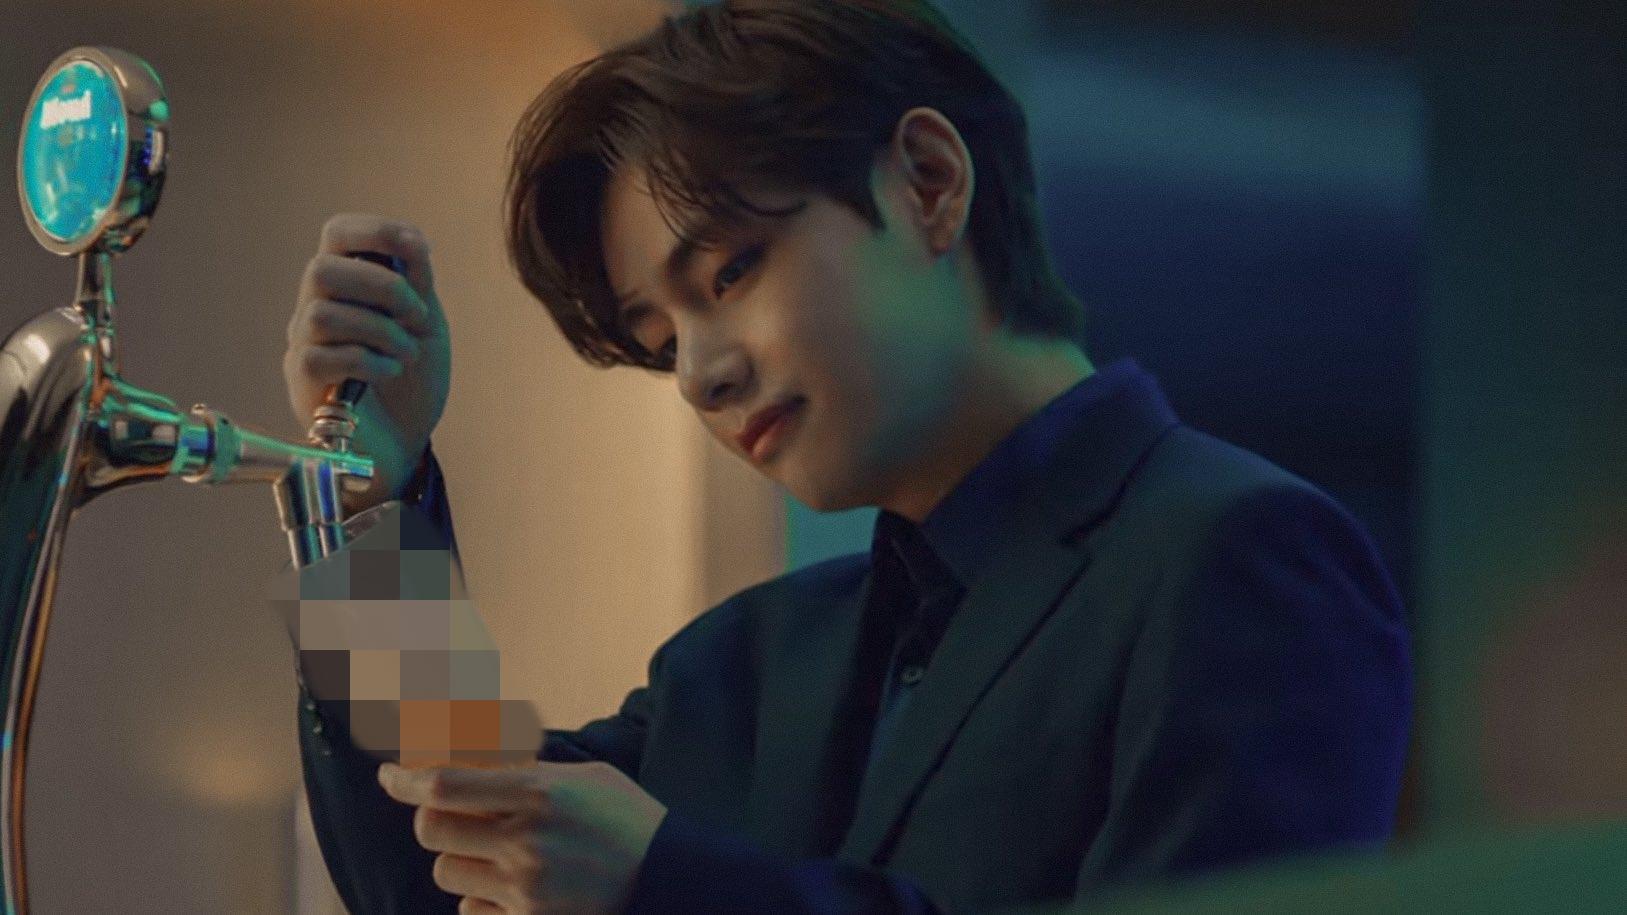 V làm nhân vật chính trong quảng cáo của BTS khiến akgae fan Jung Kook nổi điên